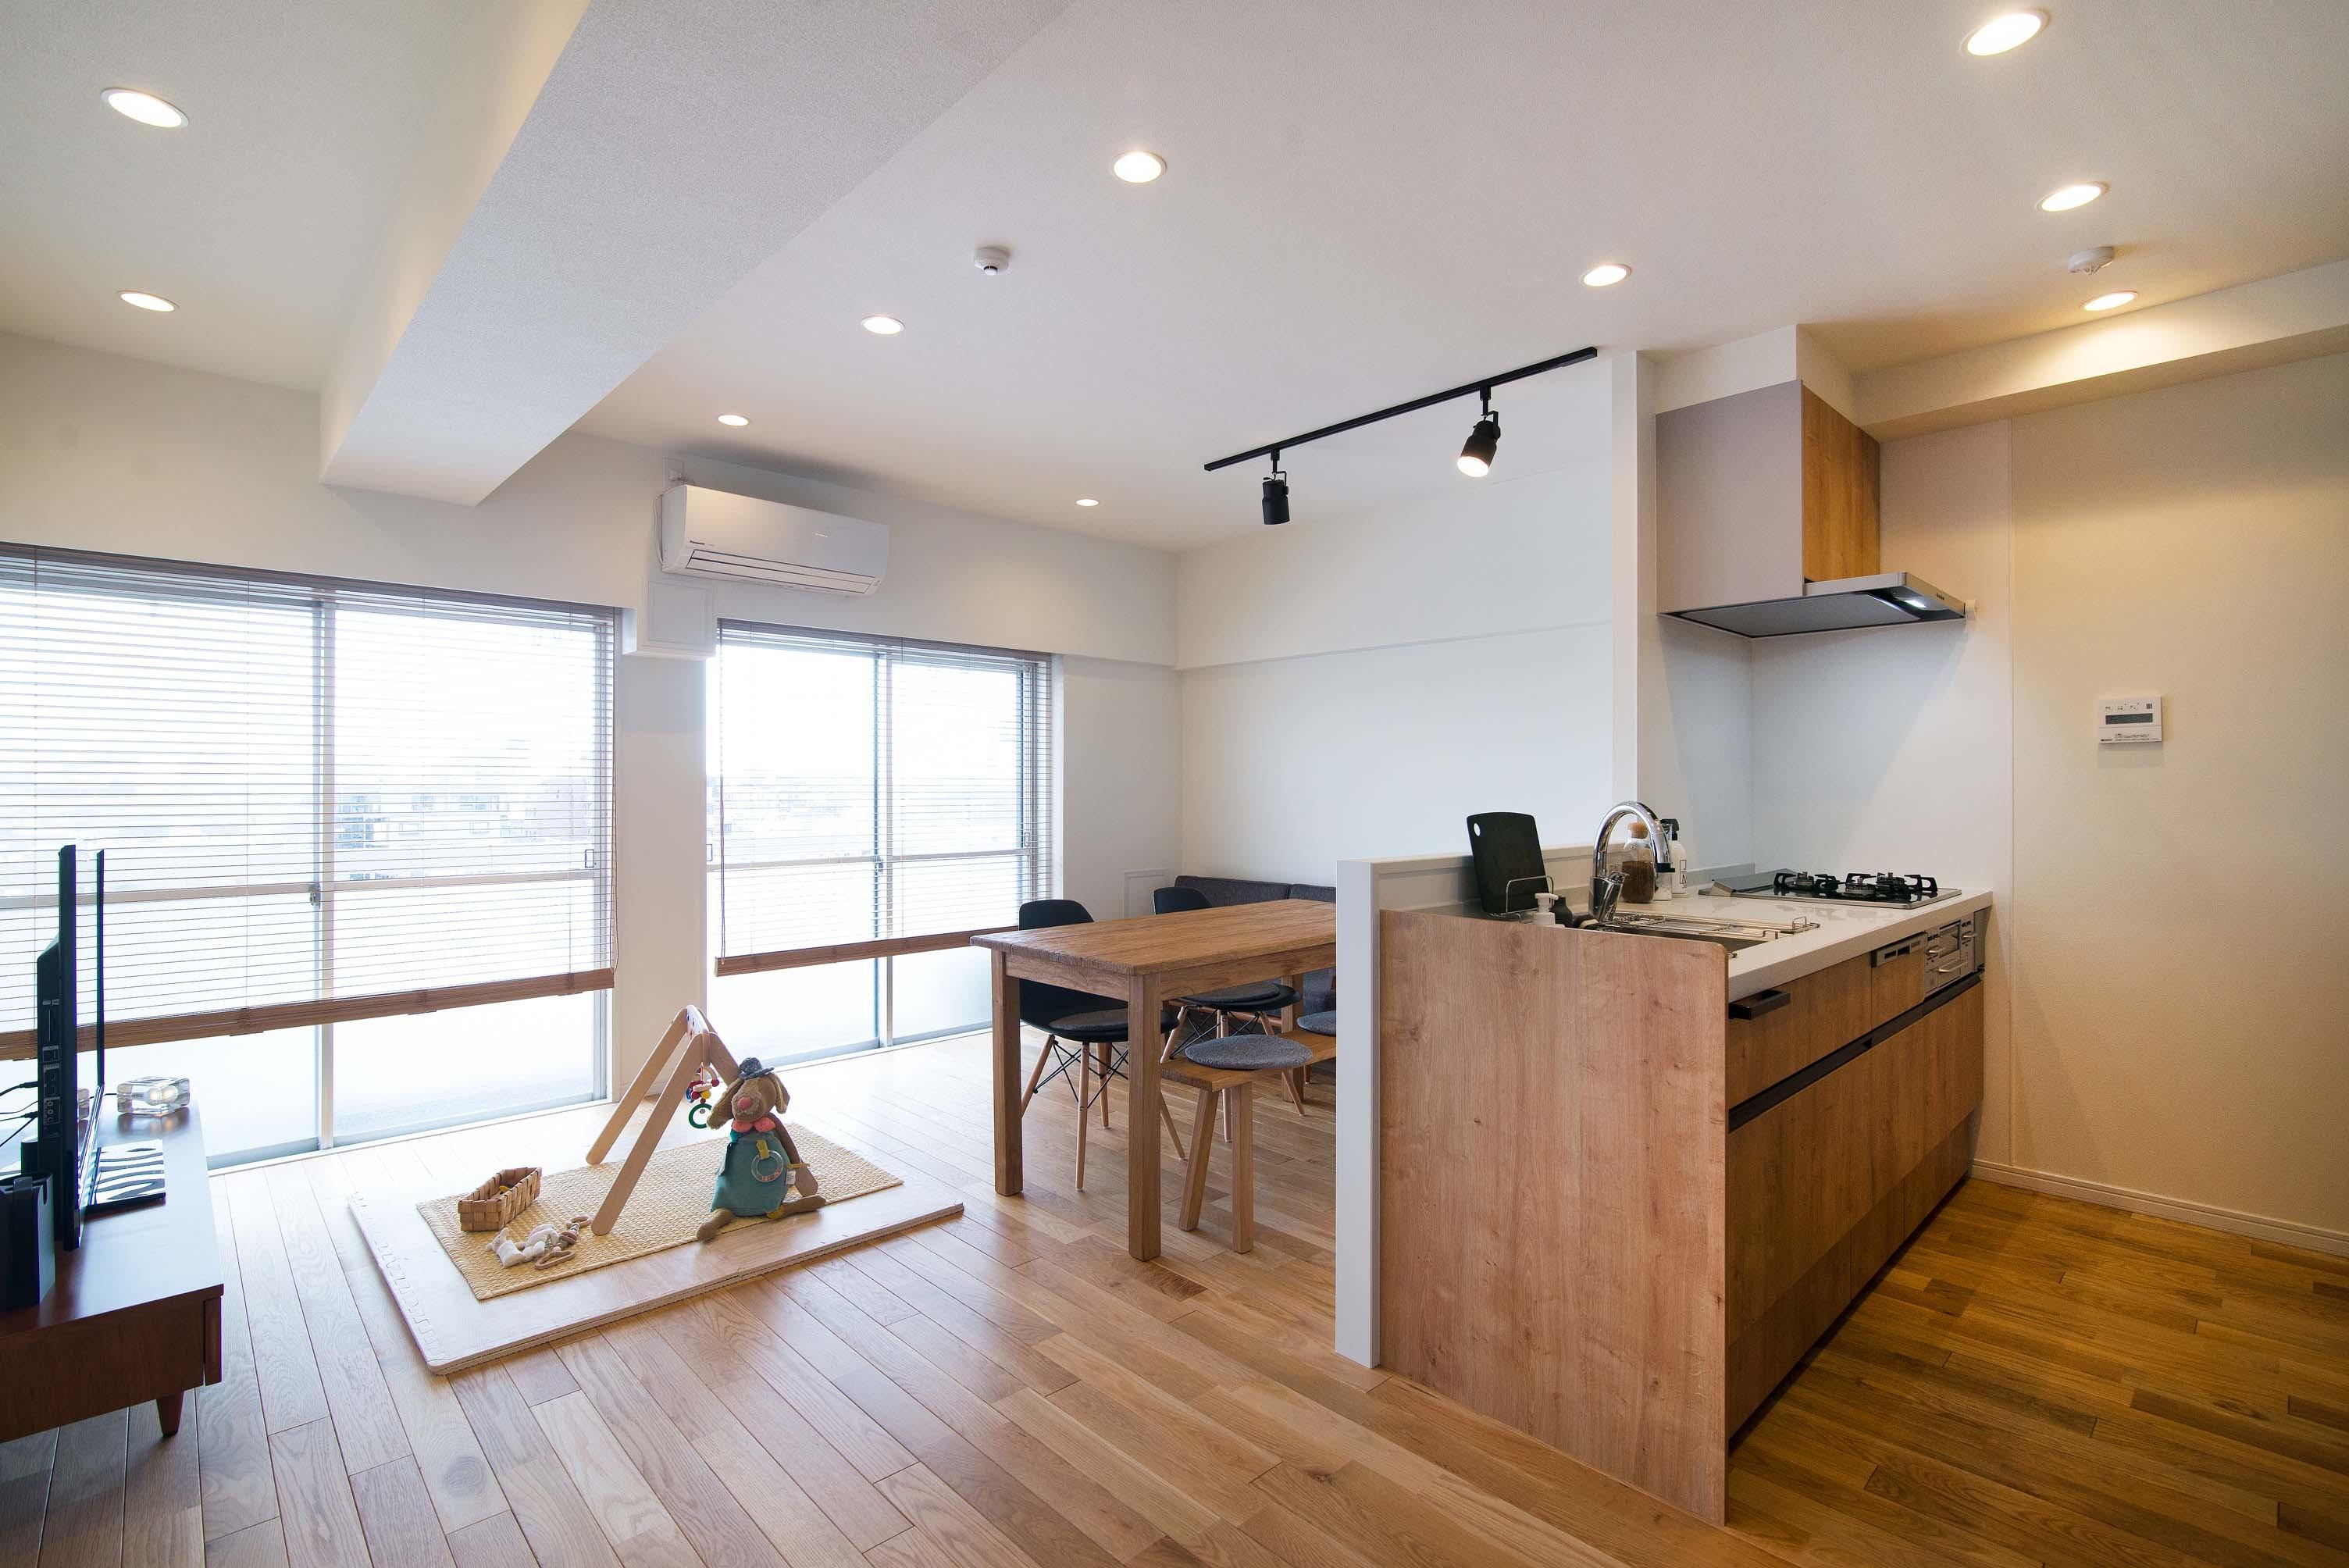 キッチン事例:キッチン(リノベ+リノベで好みのお部屋に)